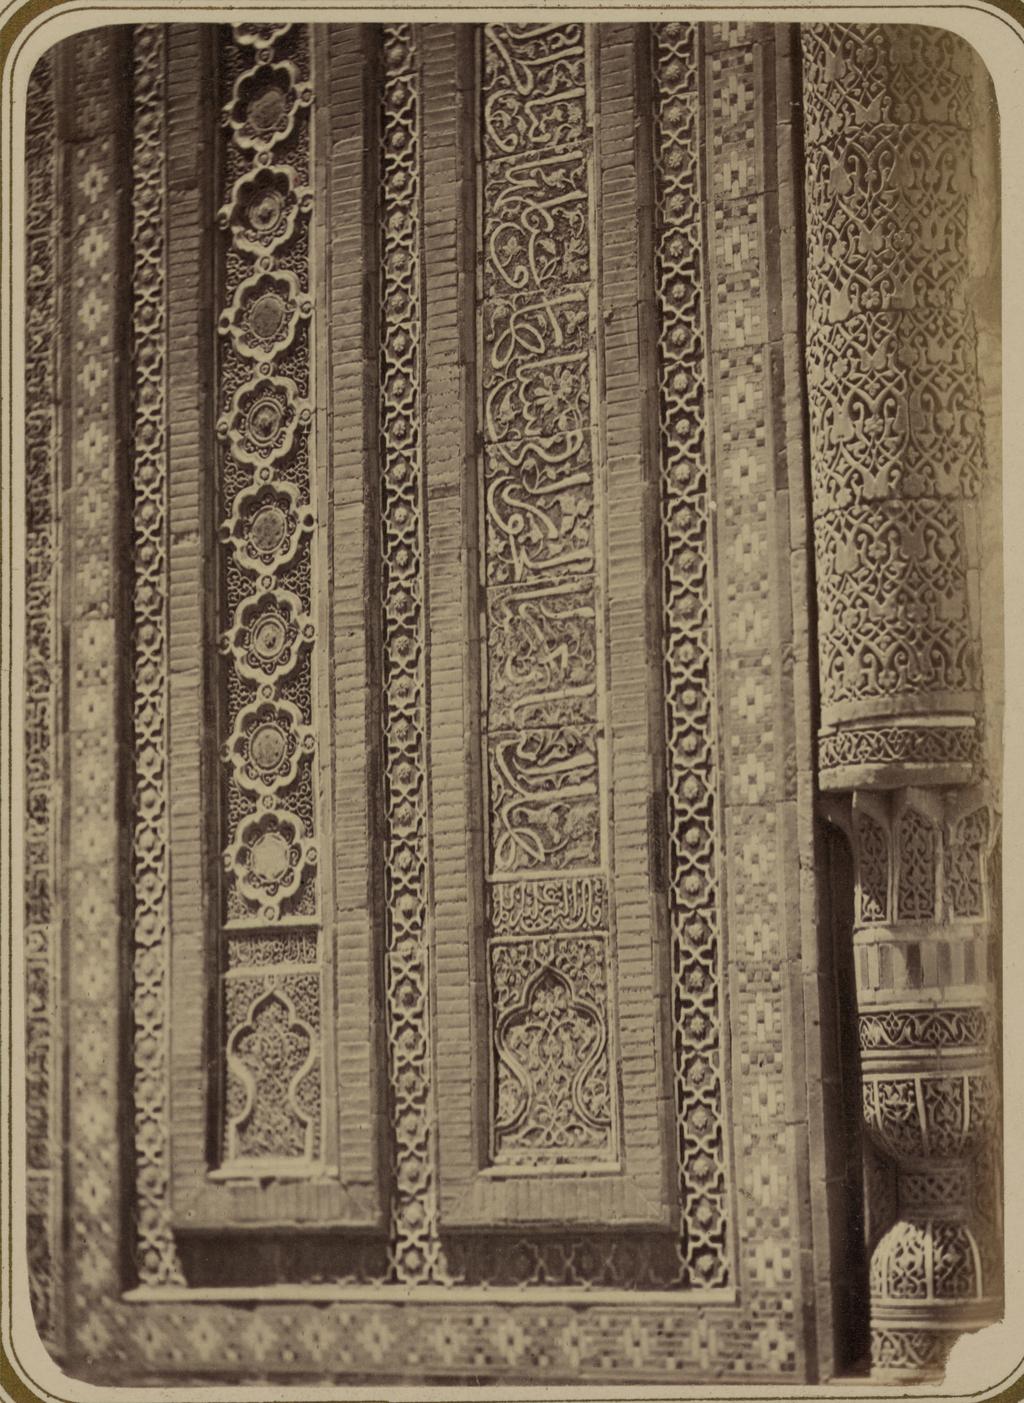 Мавзолей эмира Кутулука Турди Бека Ака. Надпись на правой стороне фасада (низ)